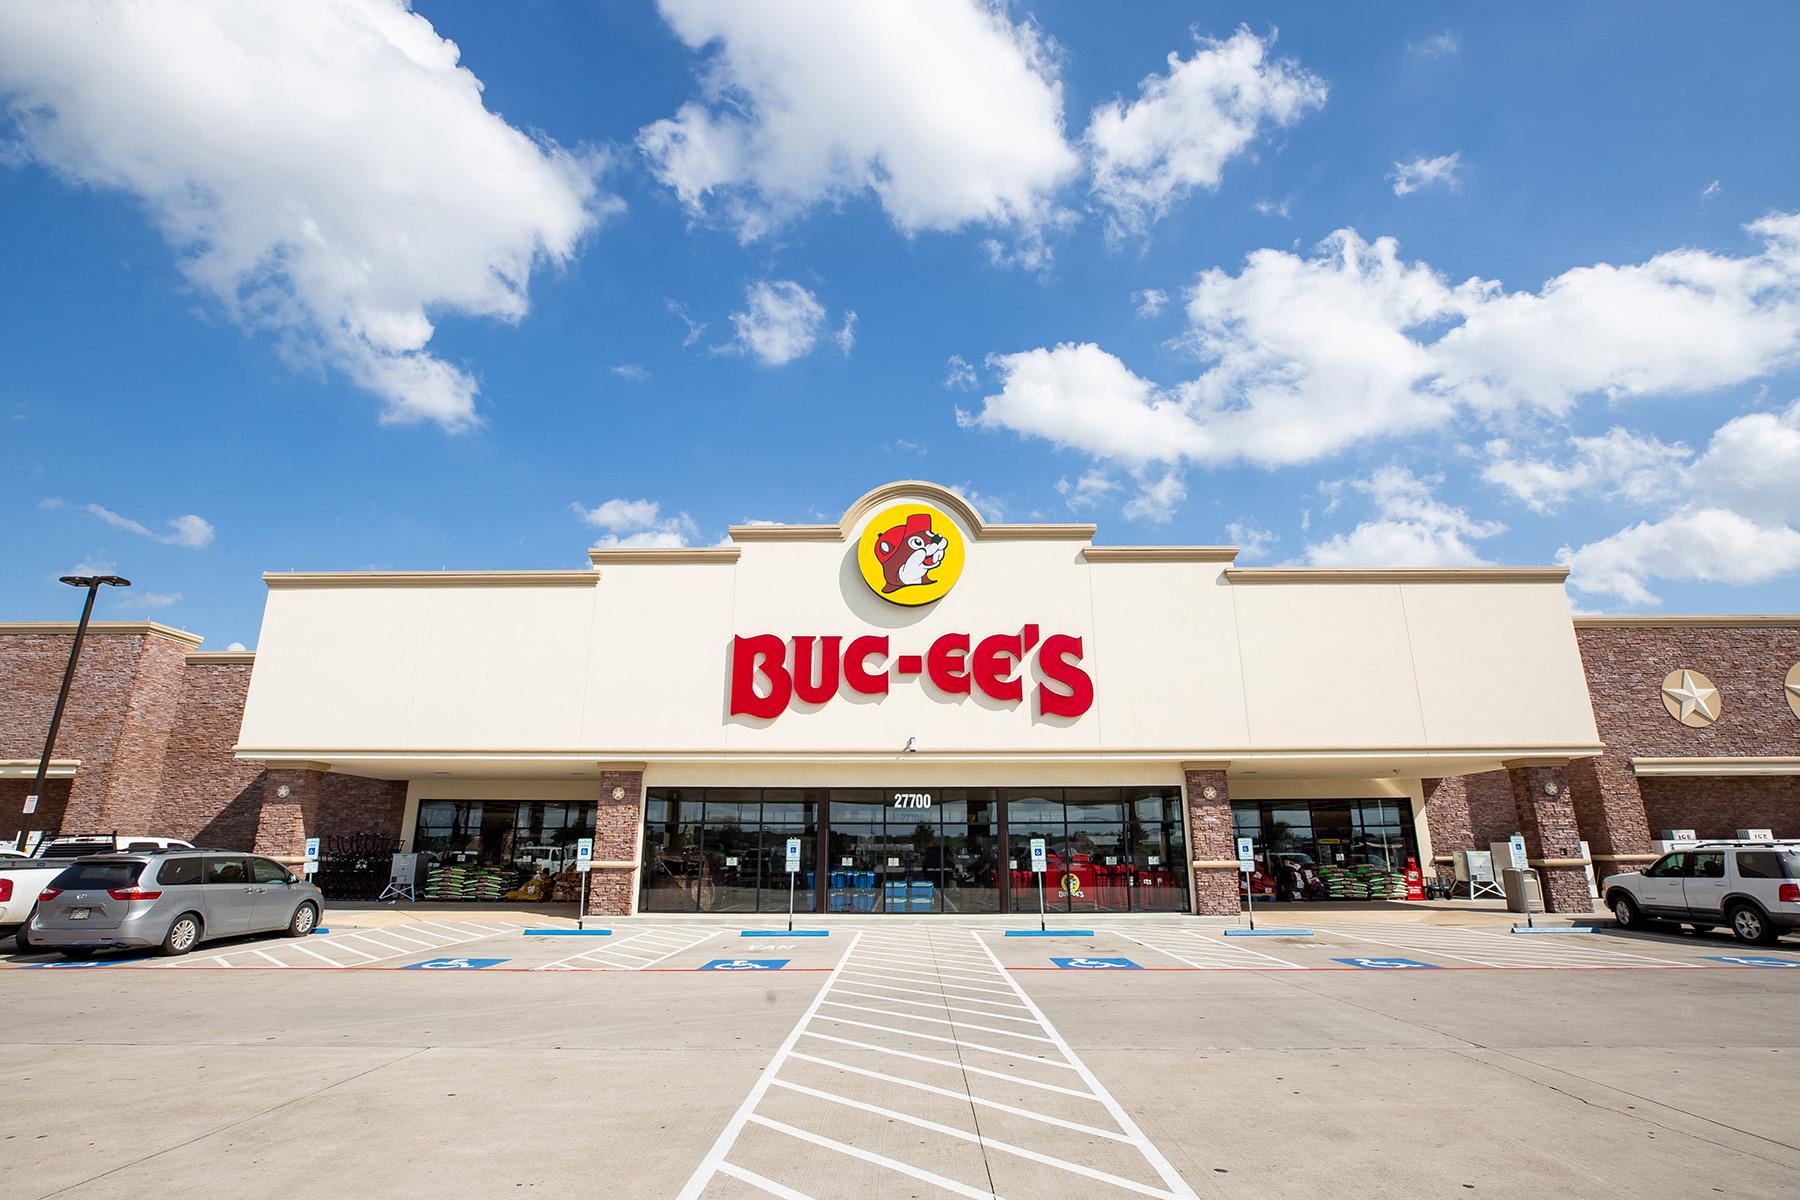 Buc-ee's in Leeds OPENING